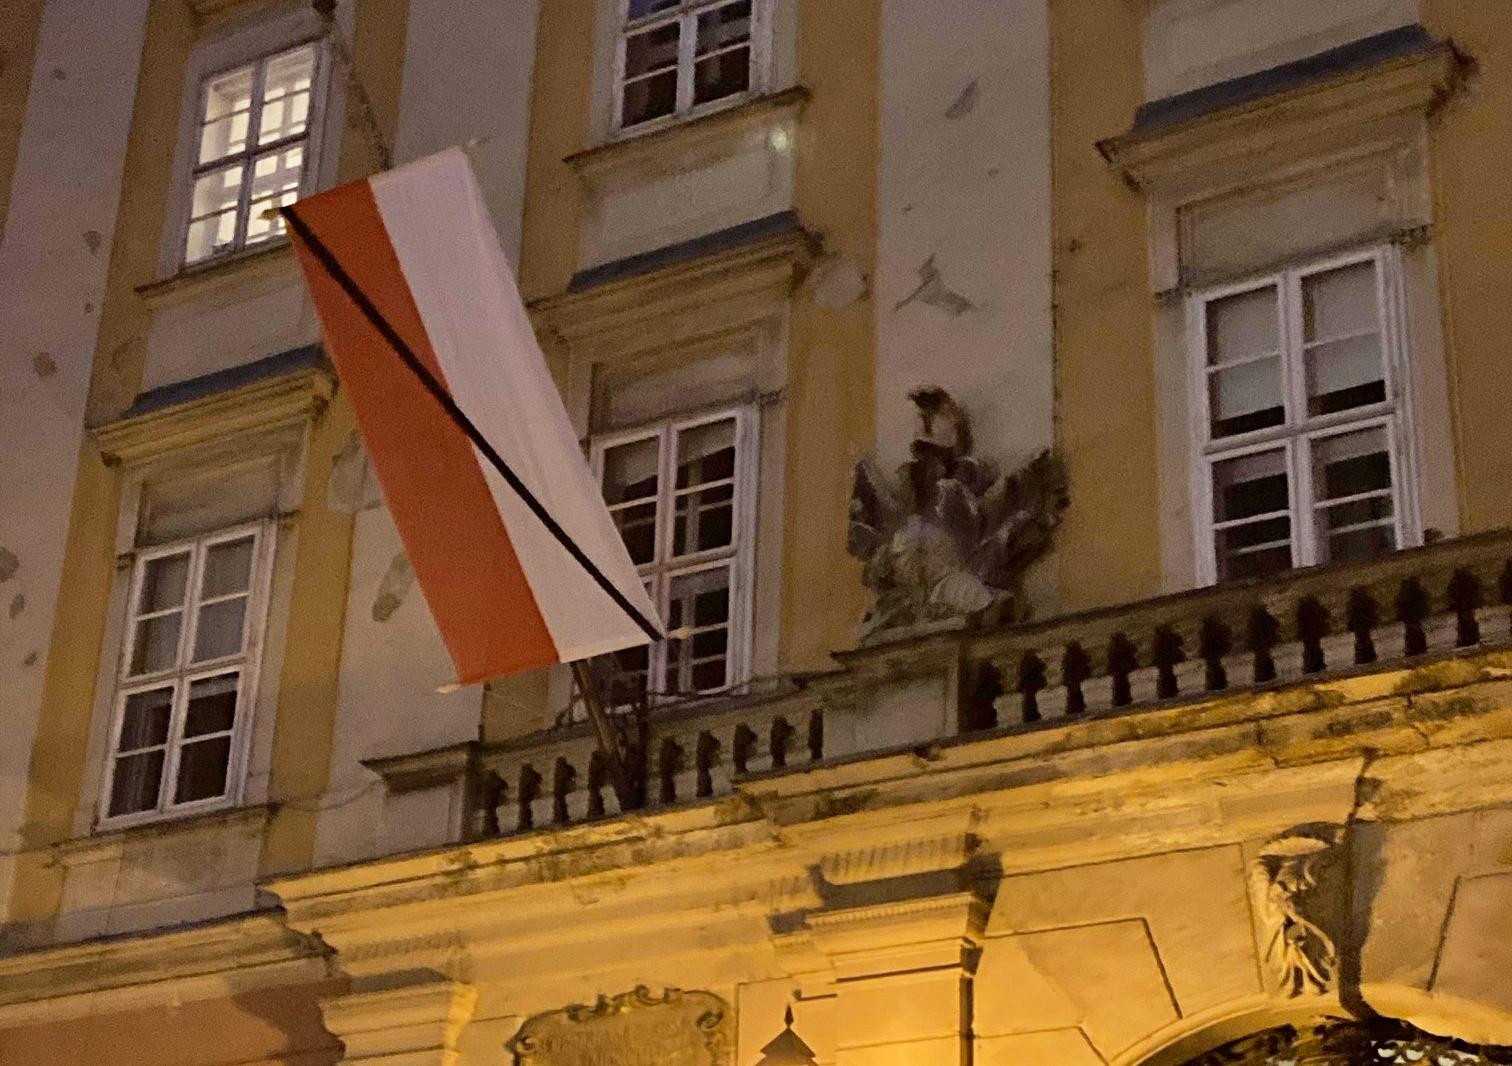 Kitűzték Bécs zászlaját a budapesti városházára a terrortámadás miatt